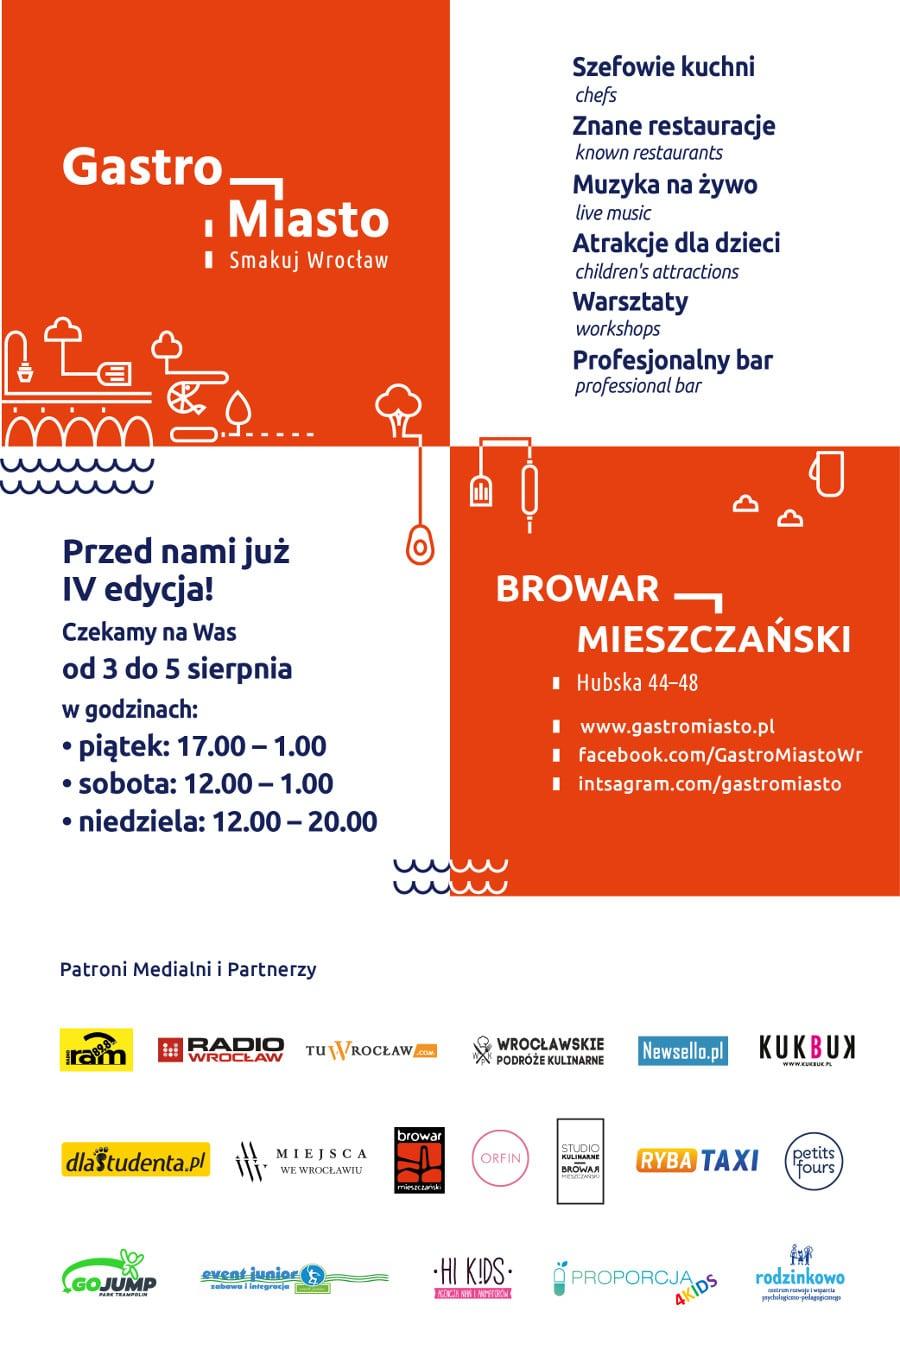 IV edycja Gastro Miasto we Wrocławiu - zobaczcie szczegóły!